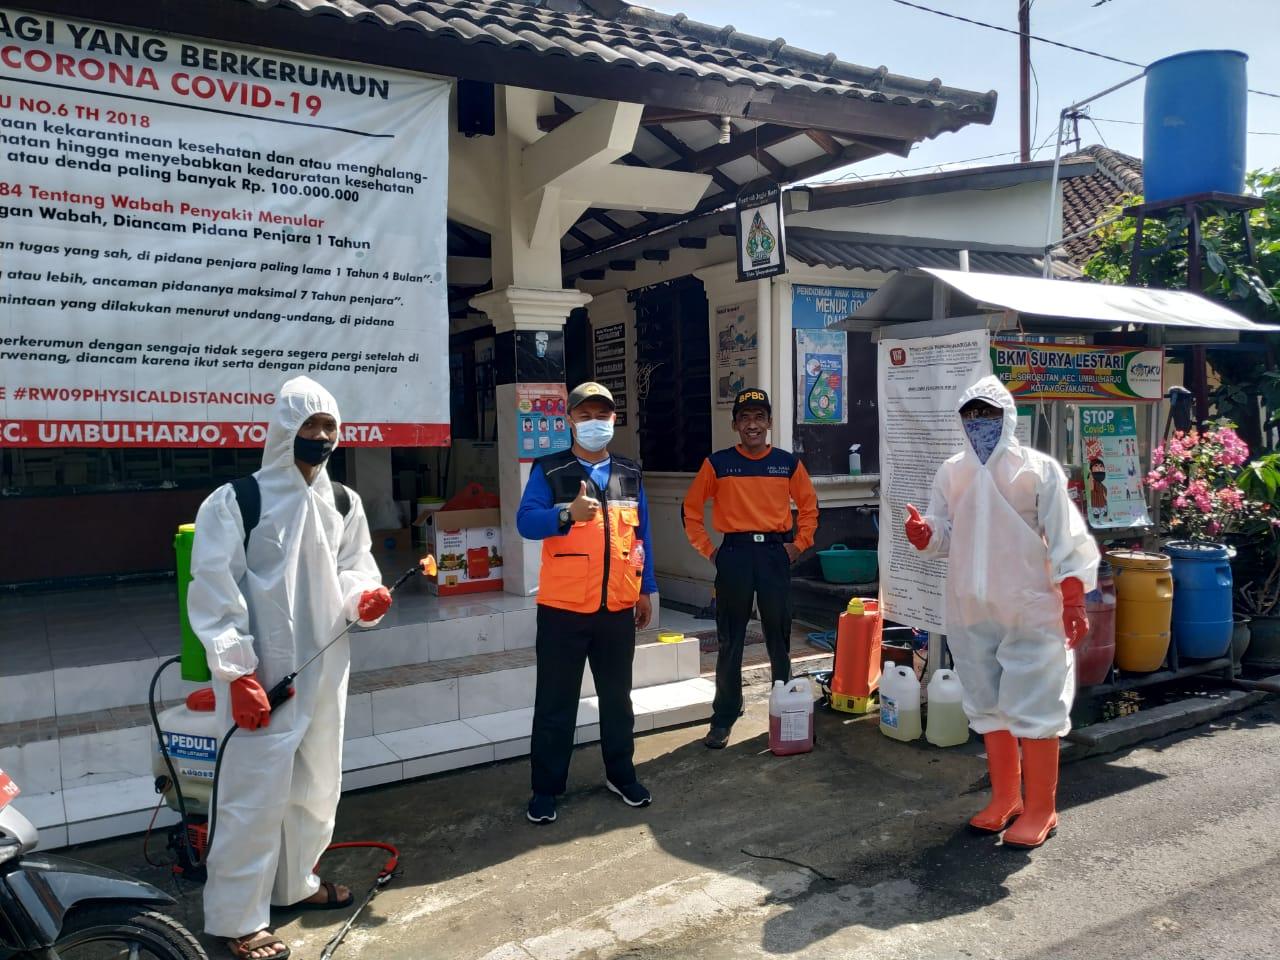 Kegiatan Kerja Bhakti Penyemprotan Disinfektan di Wilayah RW 07, RW 08, dan RW 09  Kelurahan Sorosutan